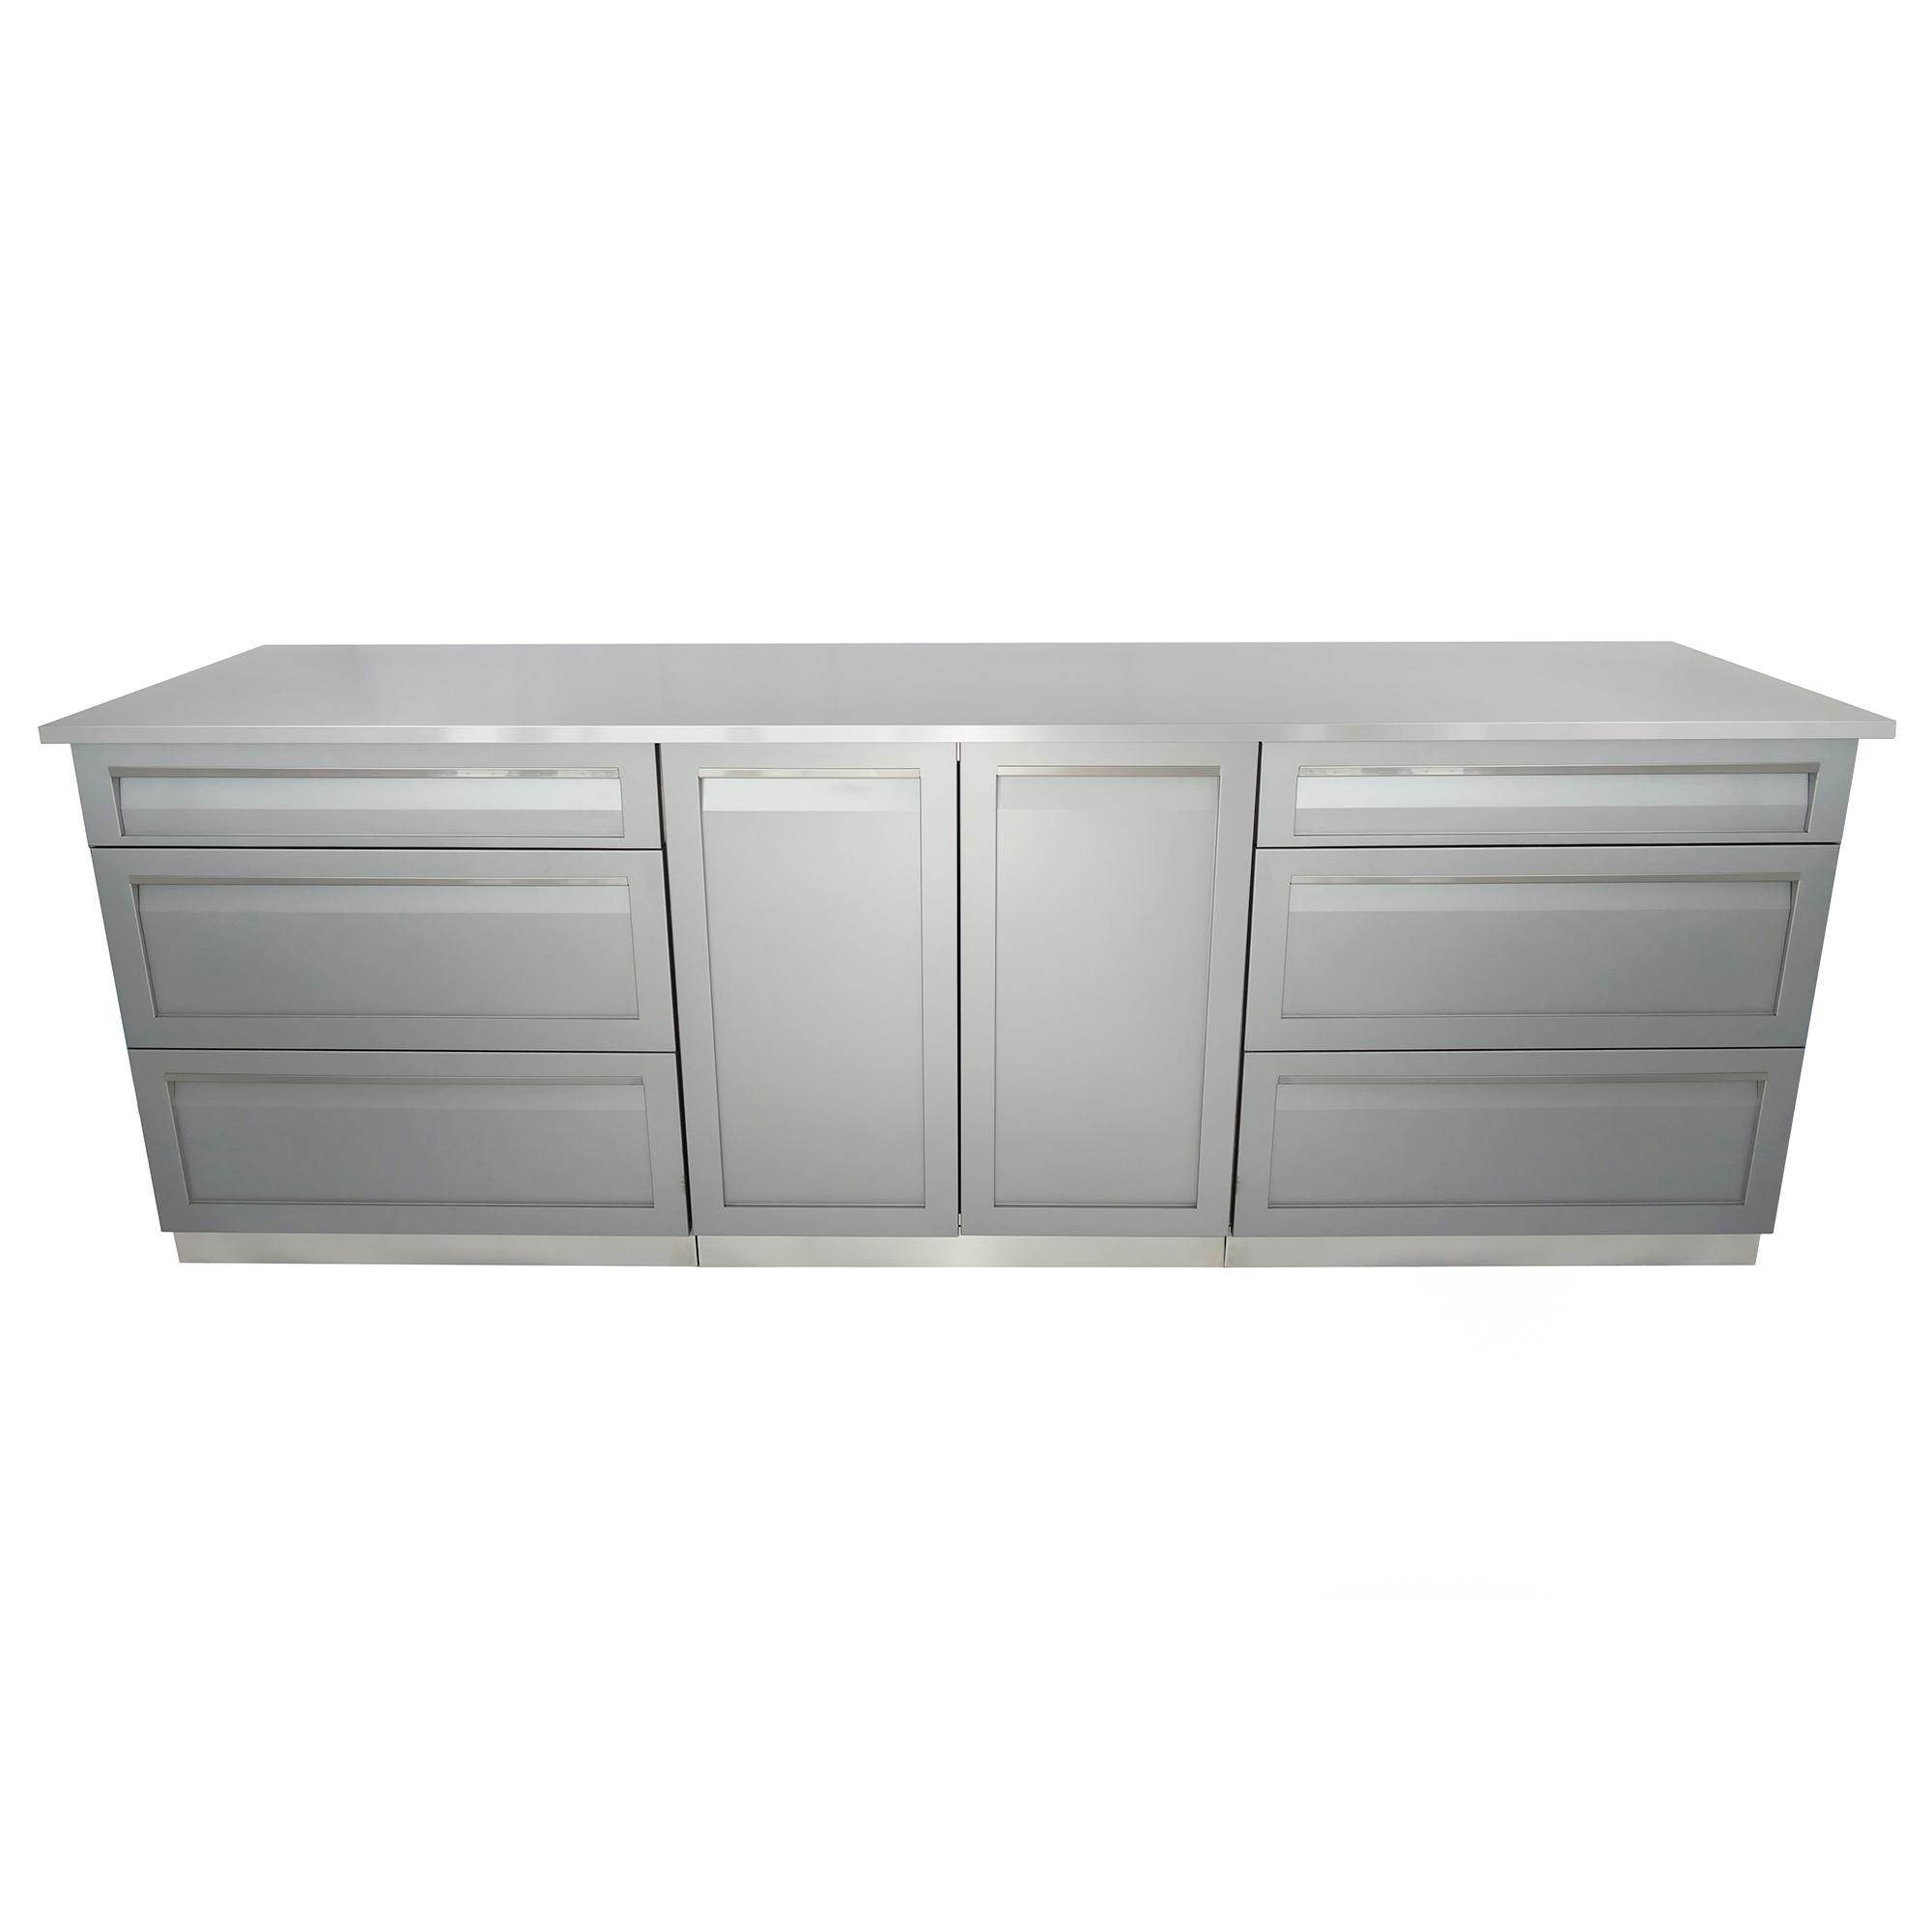 4-Piece Outdoor Kitchen Cabinet Set – G40025